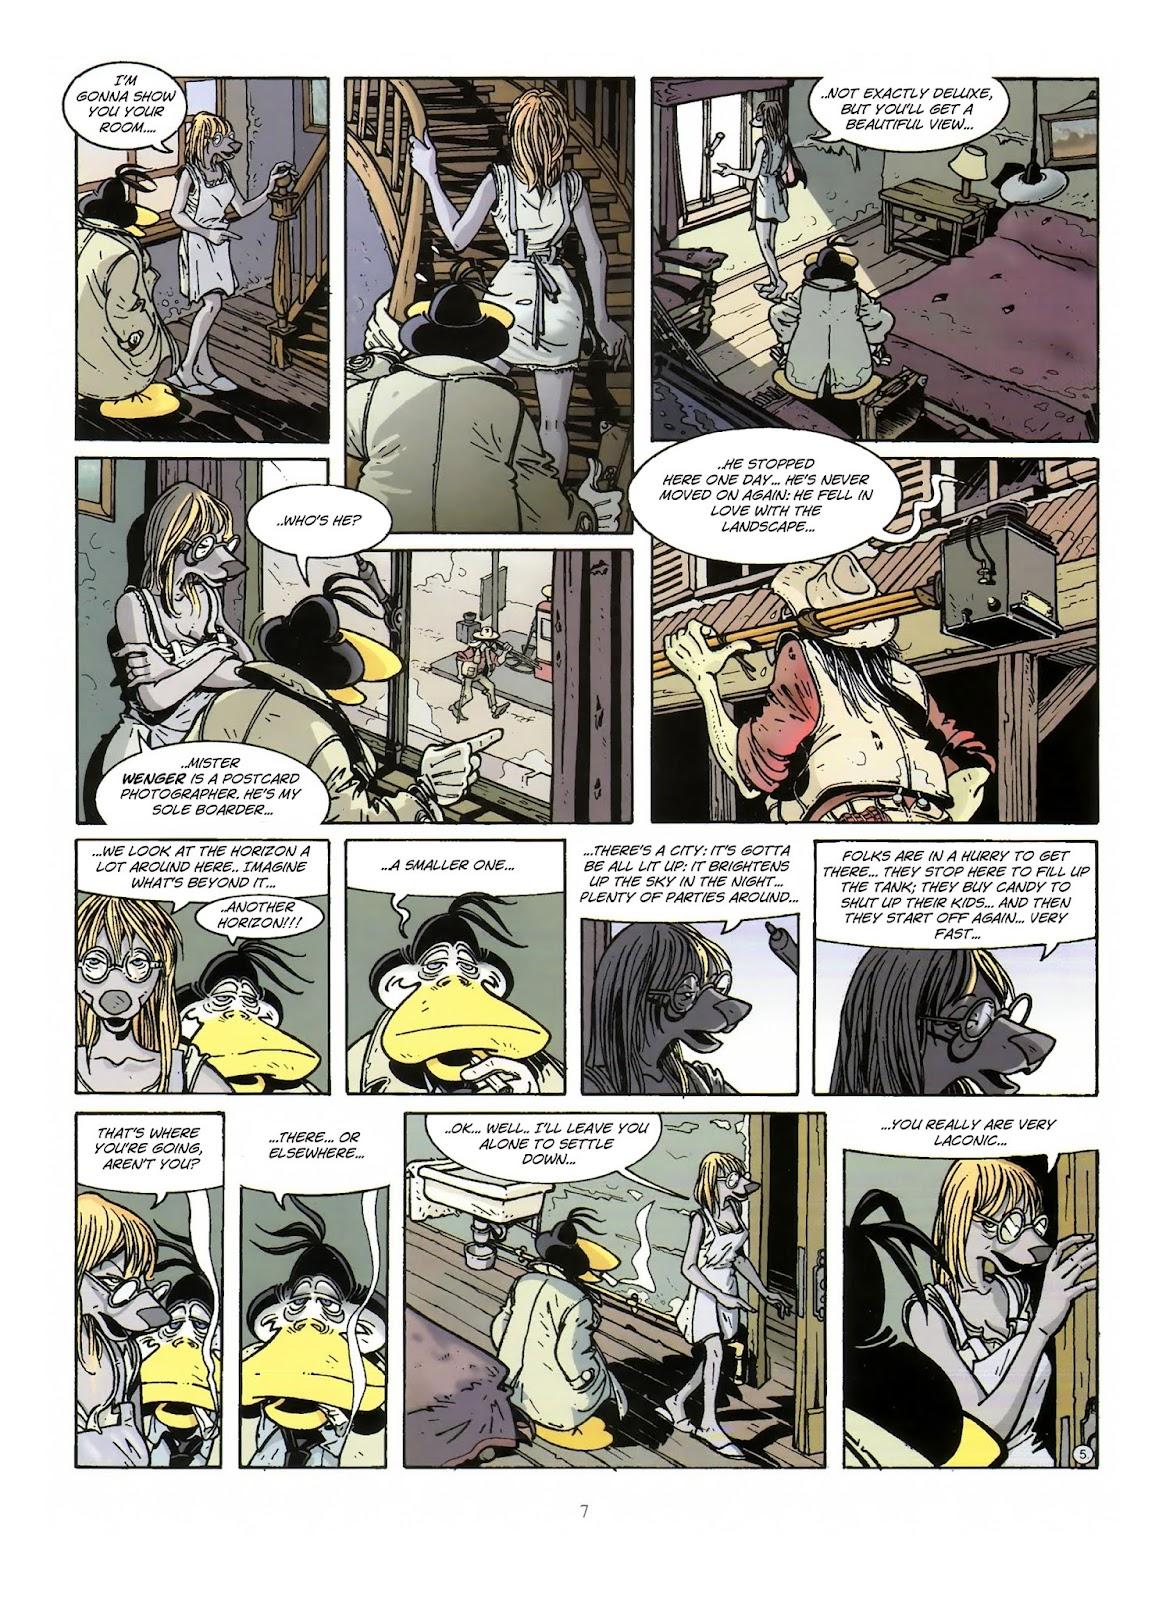 Une enquête de l'inspecteur Canardo issue 10 - Page 8